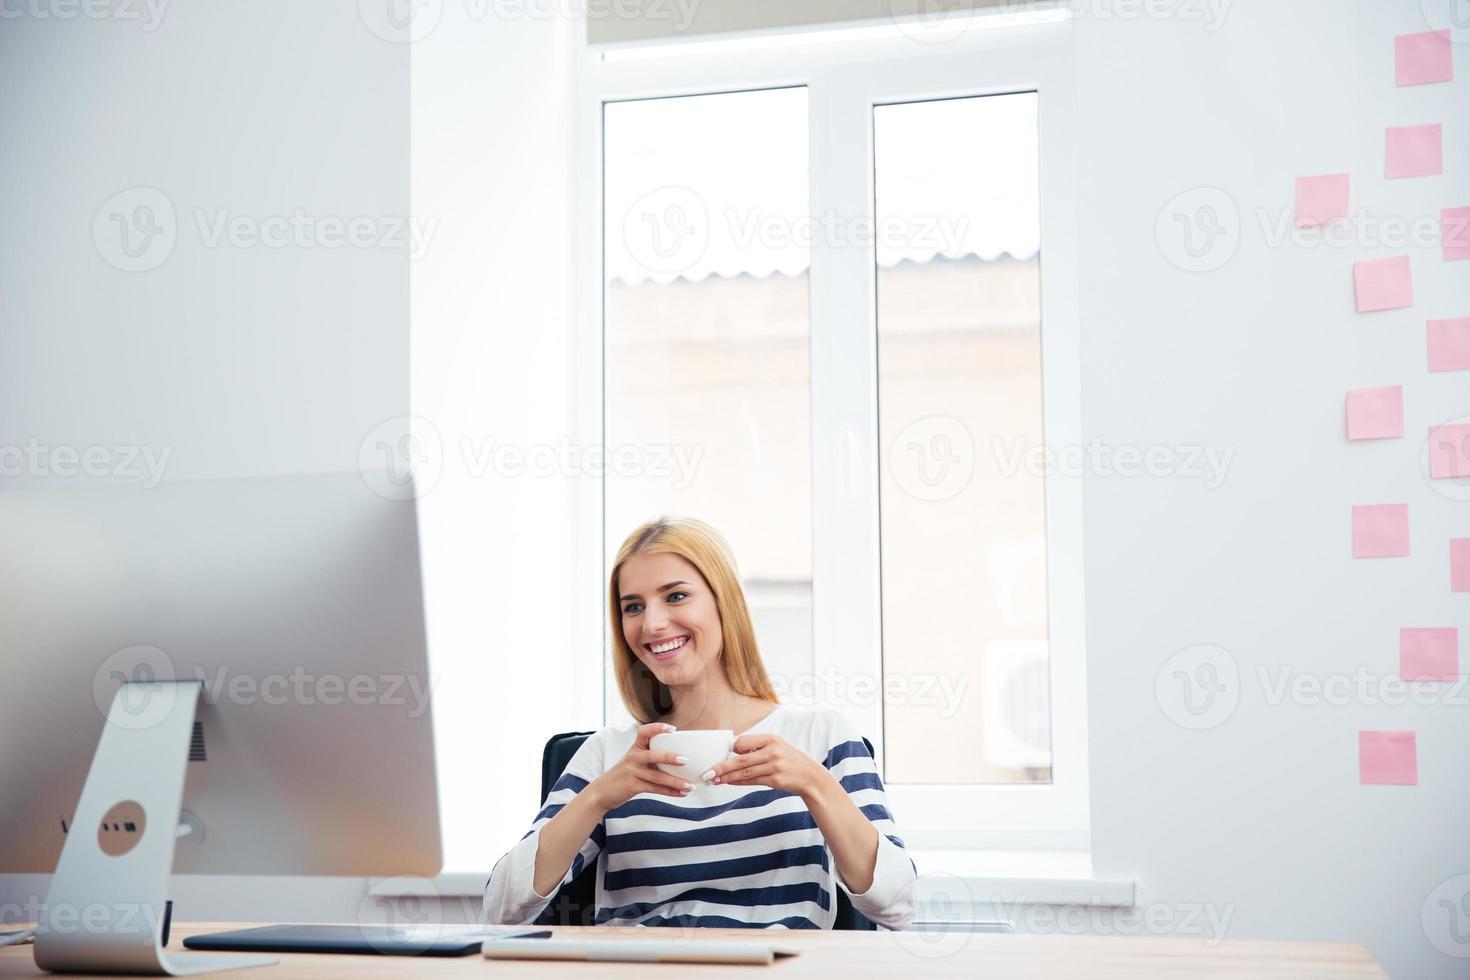 weiblicher Bildbearbeiter, der Kaffee trinkt foto